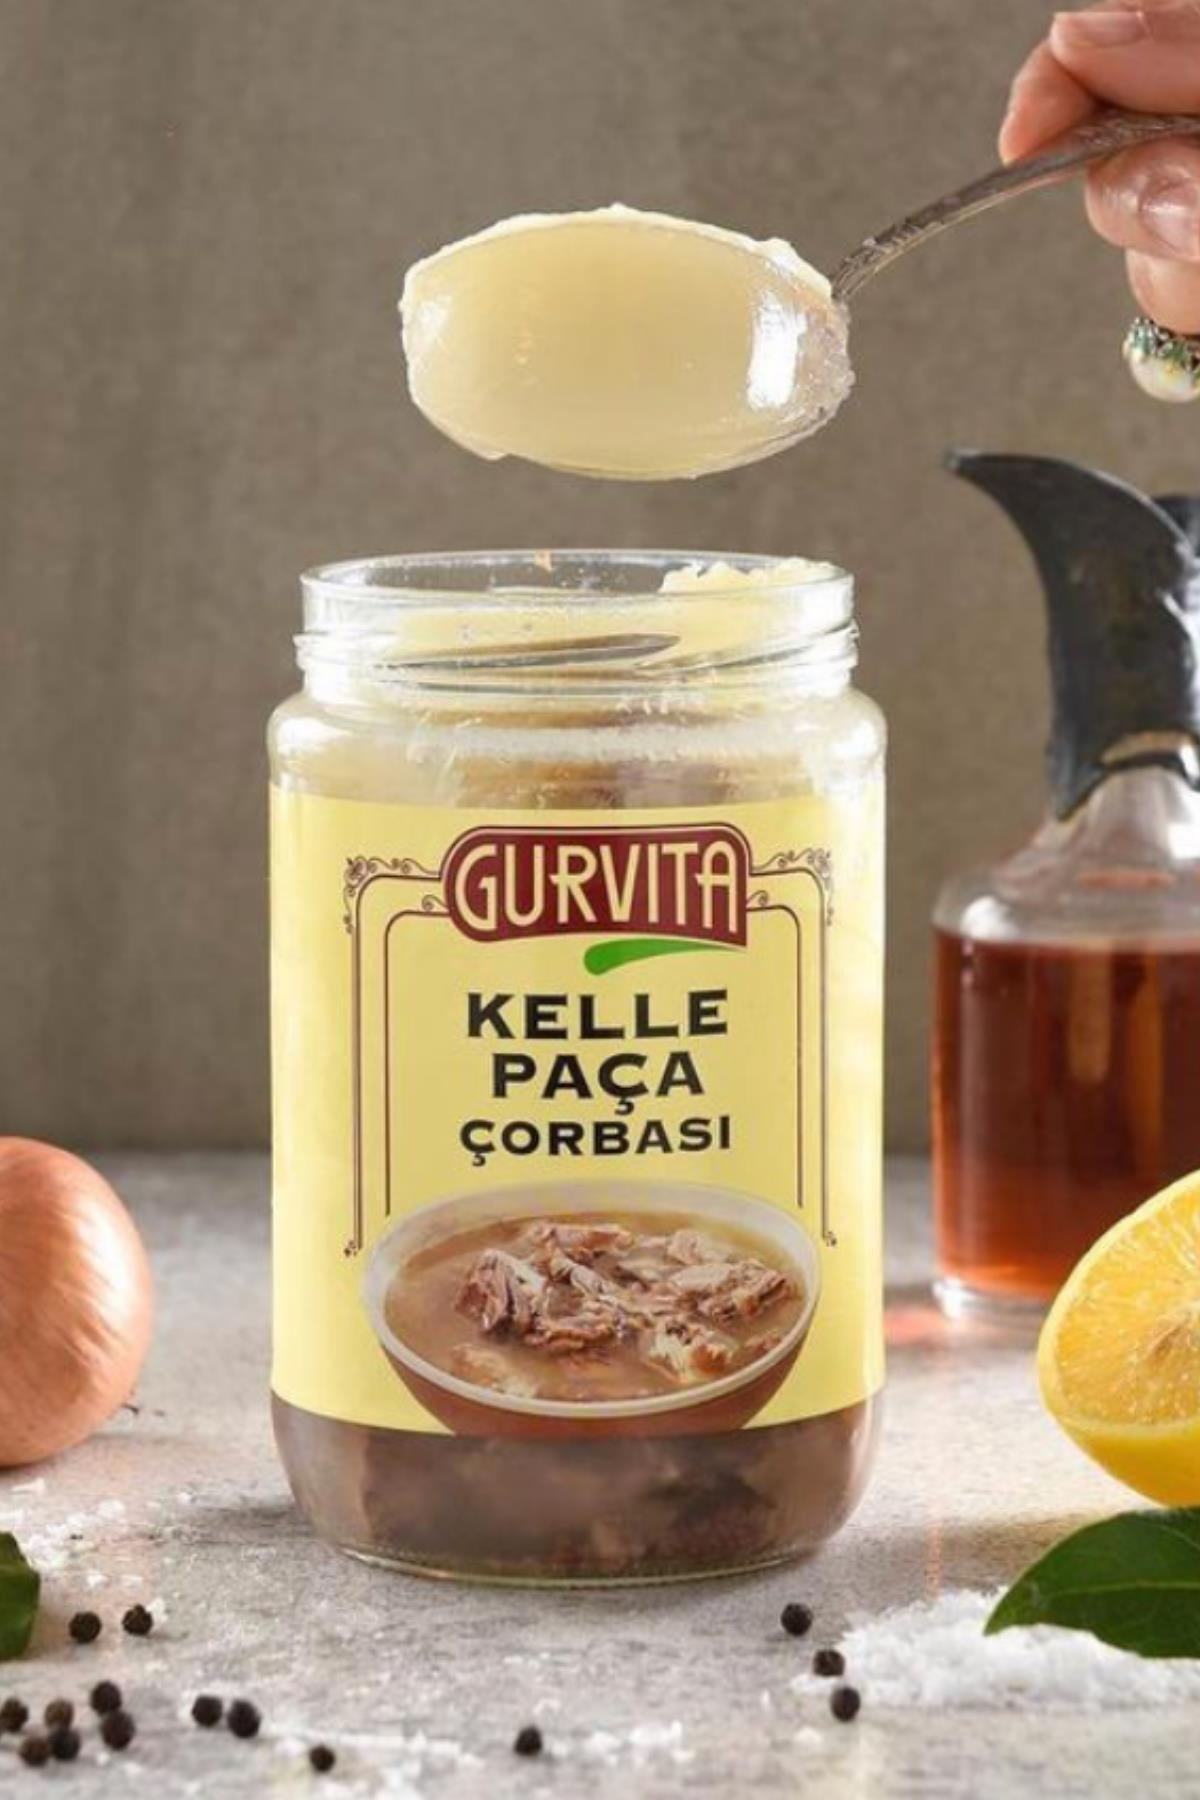 Gurvita Kelle Paça Çorbası 660 ml 2